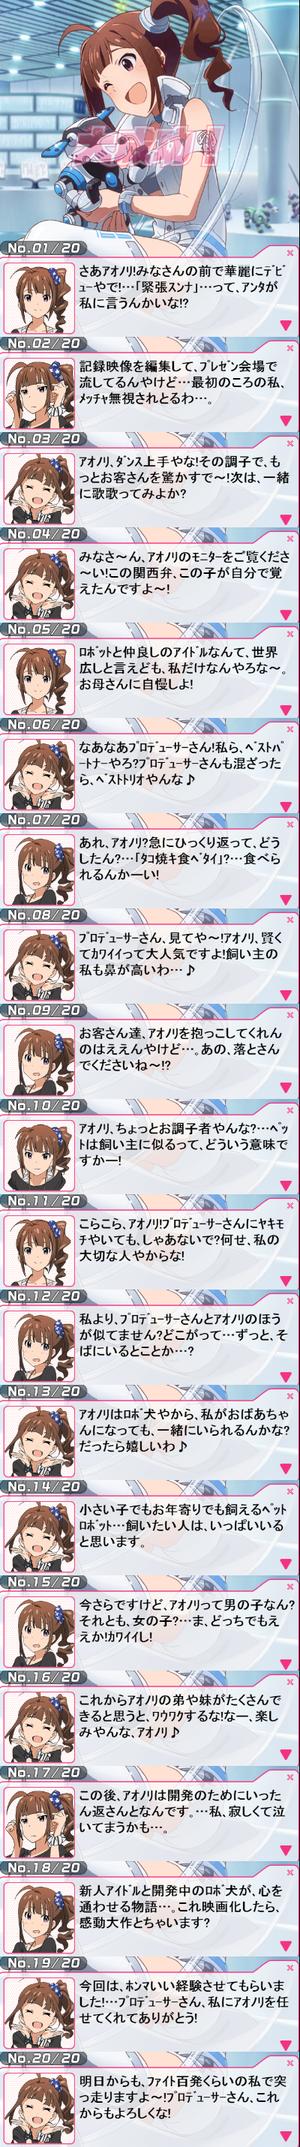 奈緒30-大成功